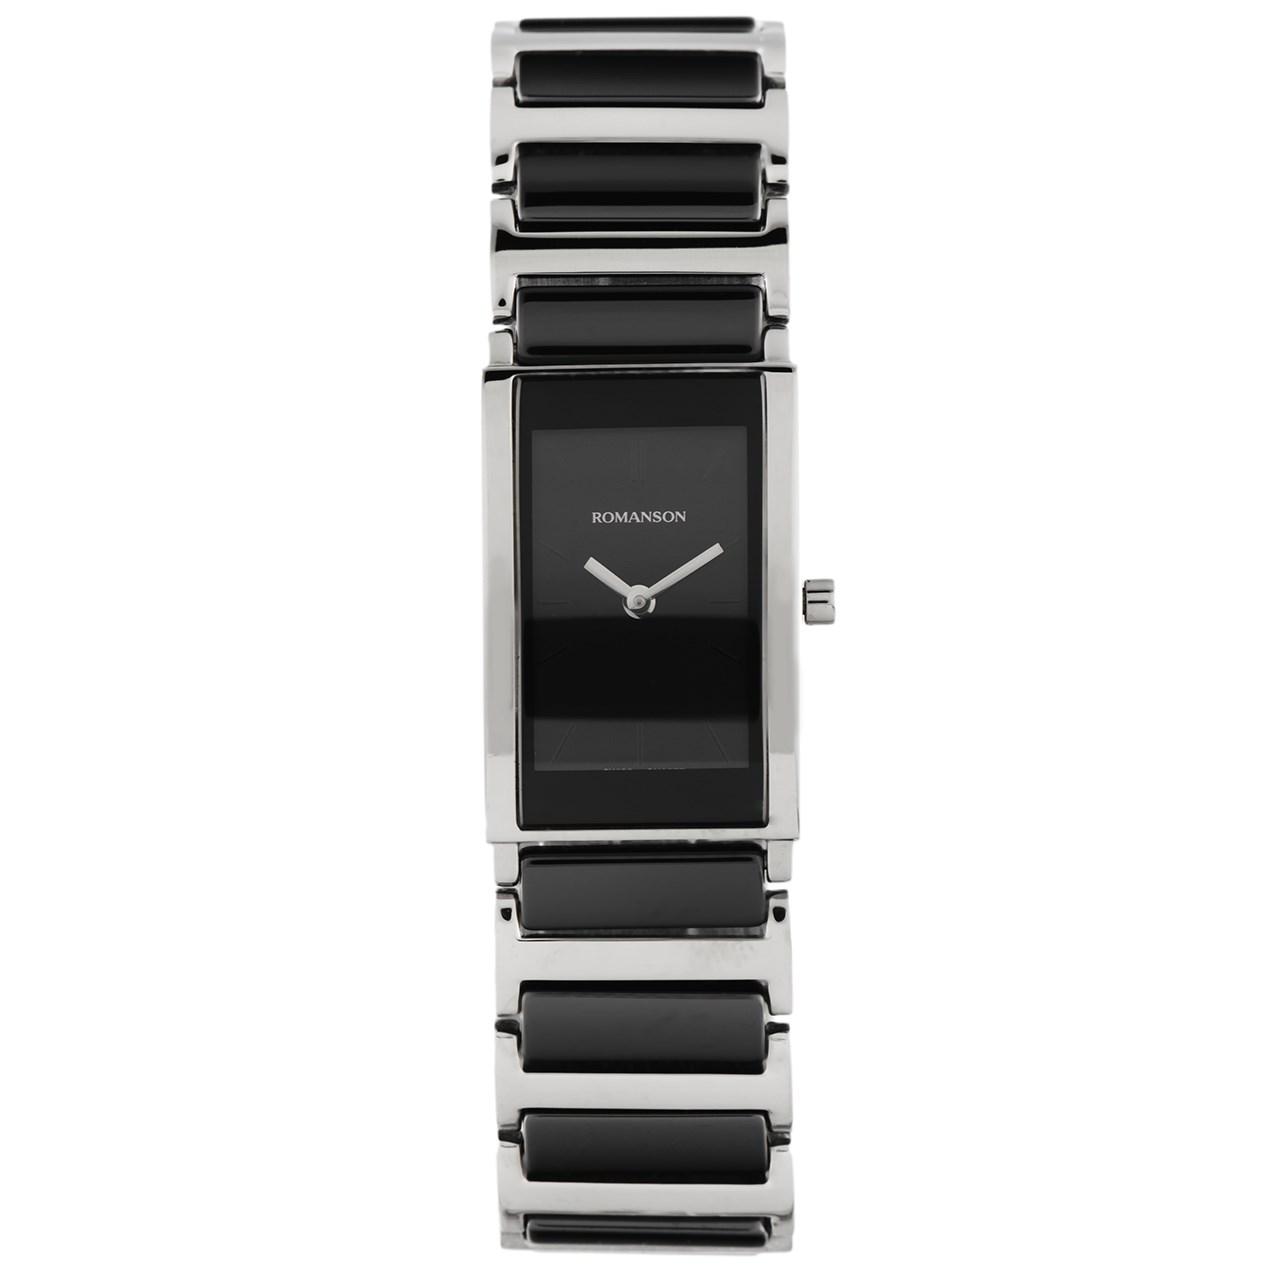 ساعت مچی عقربه ای زنانه رومانسون مدل TM8251LL1WA35W 33